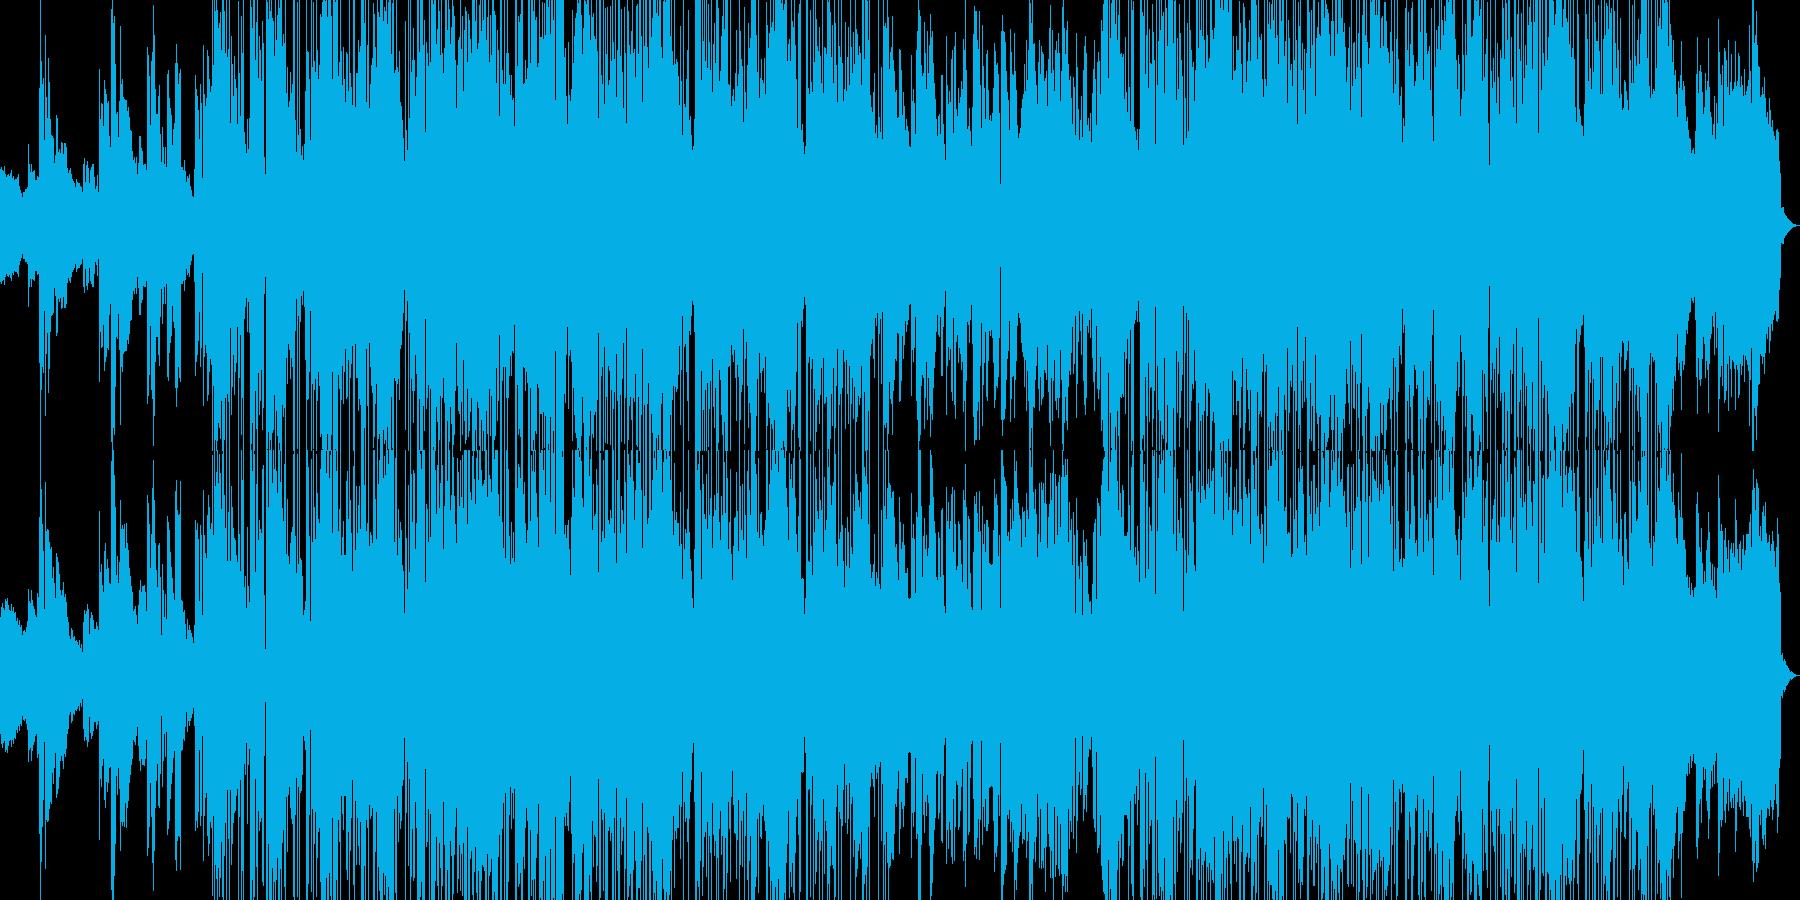 クールで爽やかな大人ジャズファンクの再生済みの波形